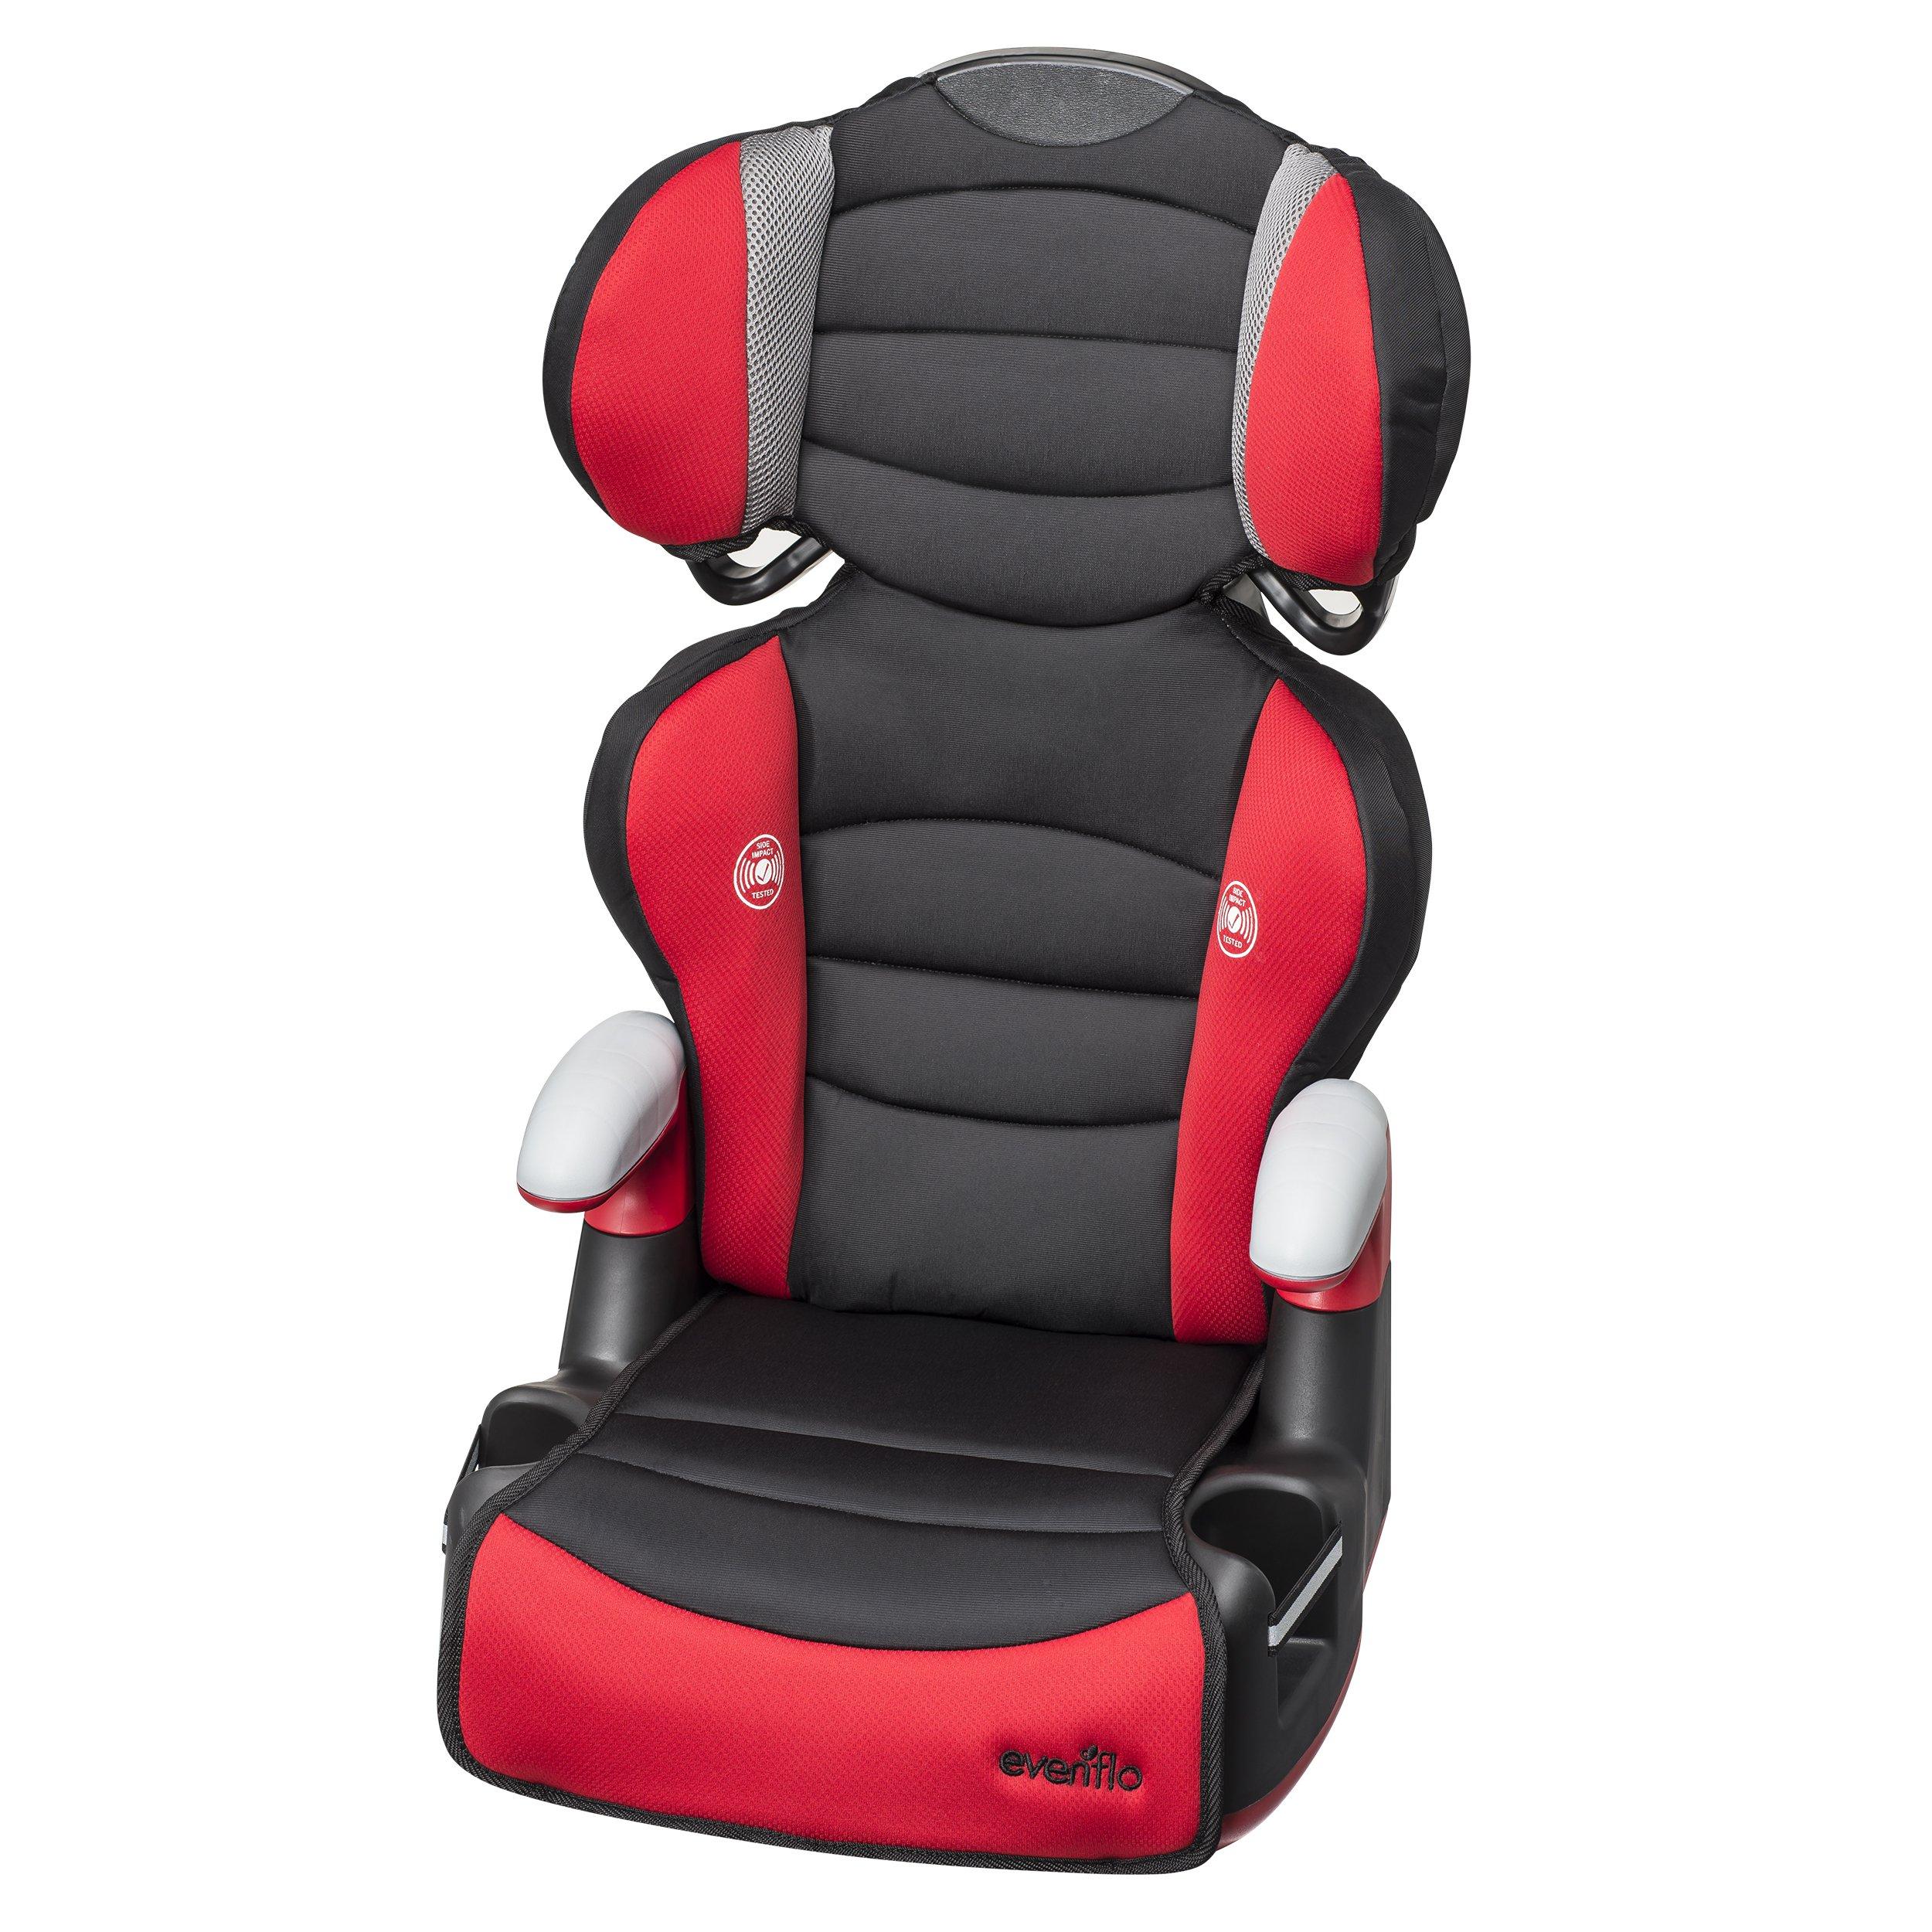 Evenflo Big Kid High Back Booster Car Seat Denver